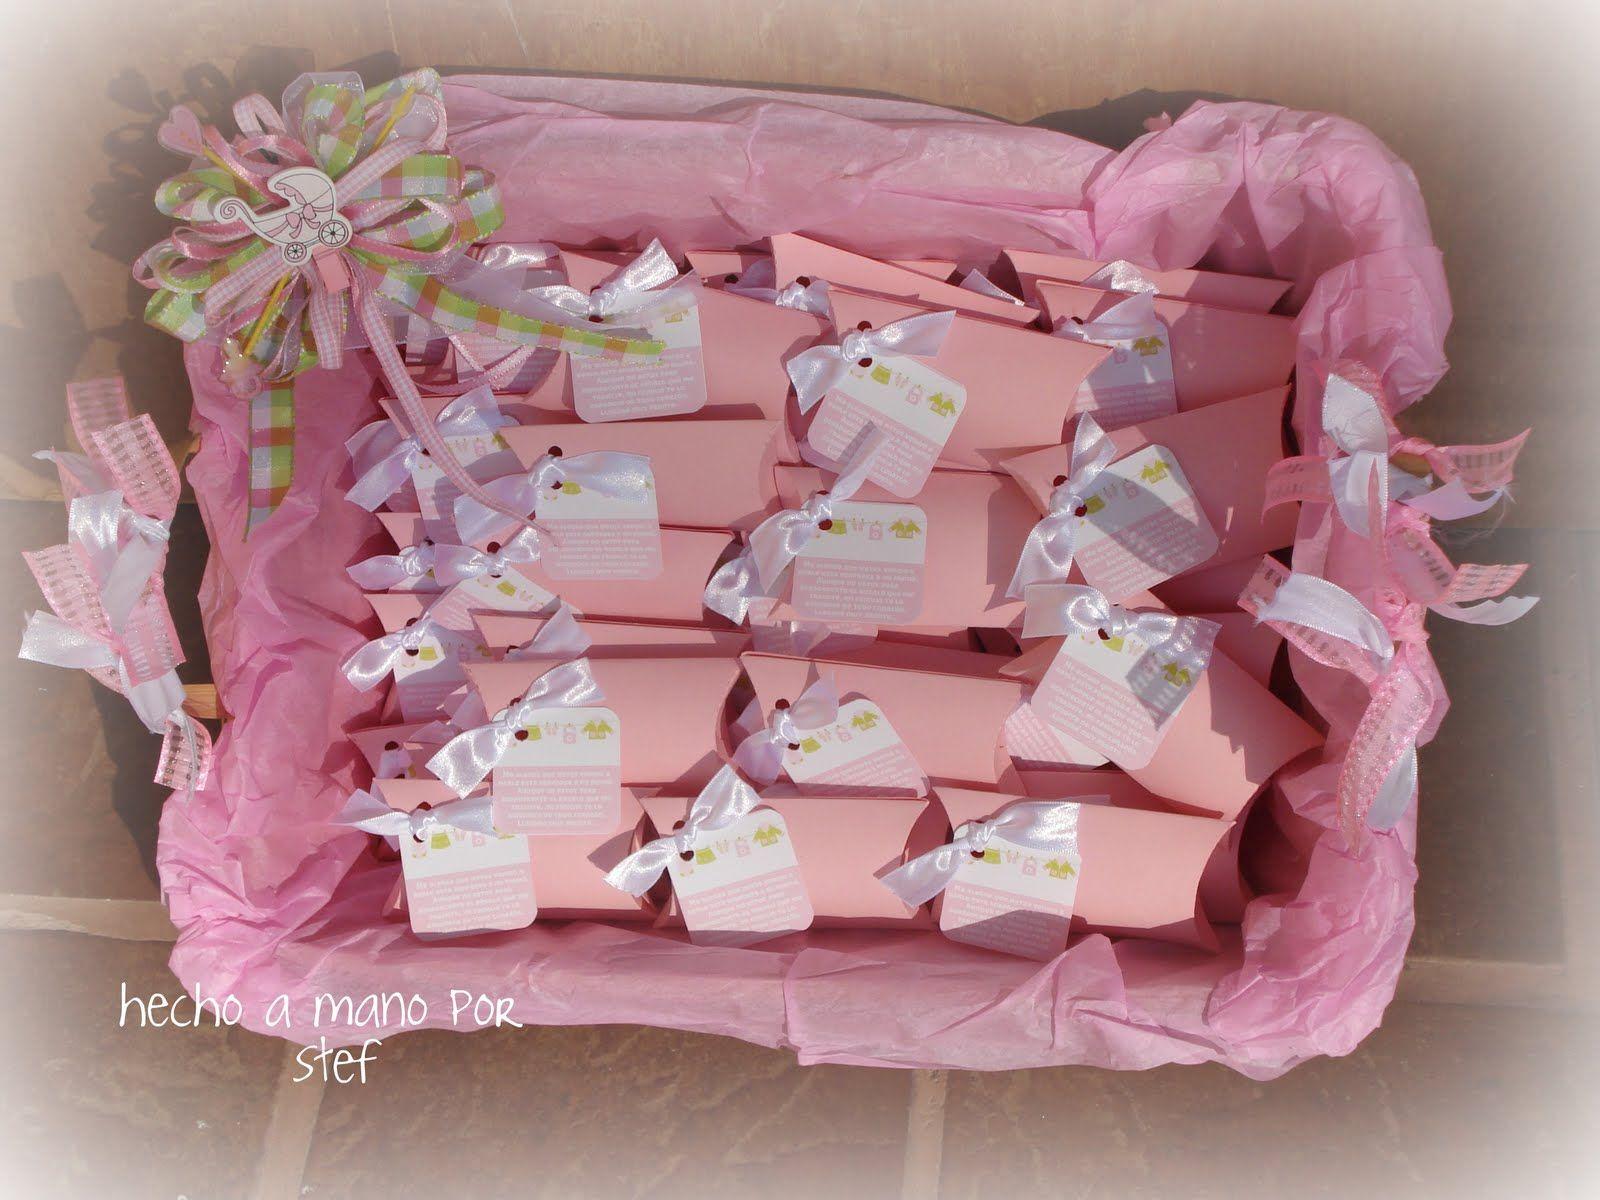 Cajitas que se pueden usar o recuerdos del baby showers o